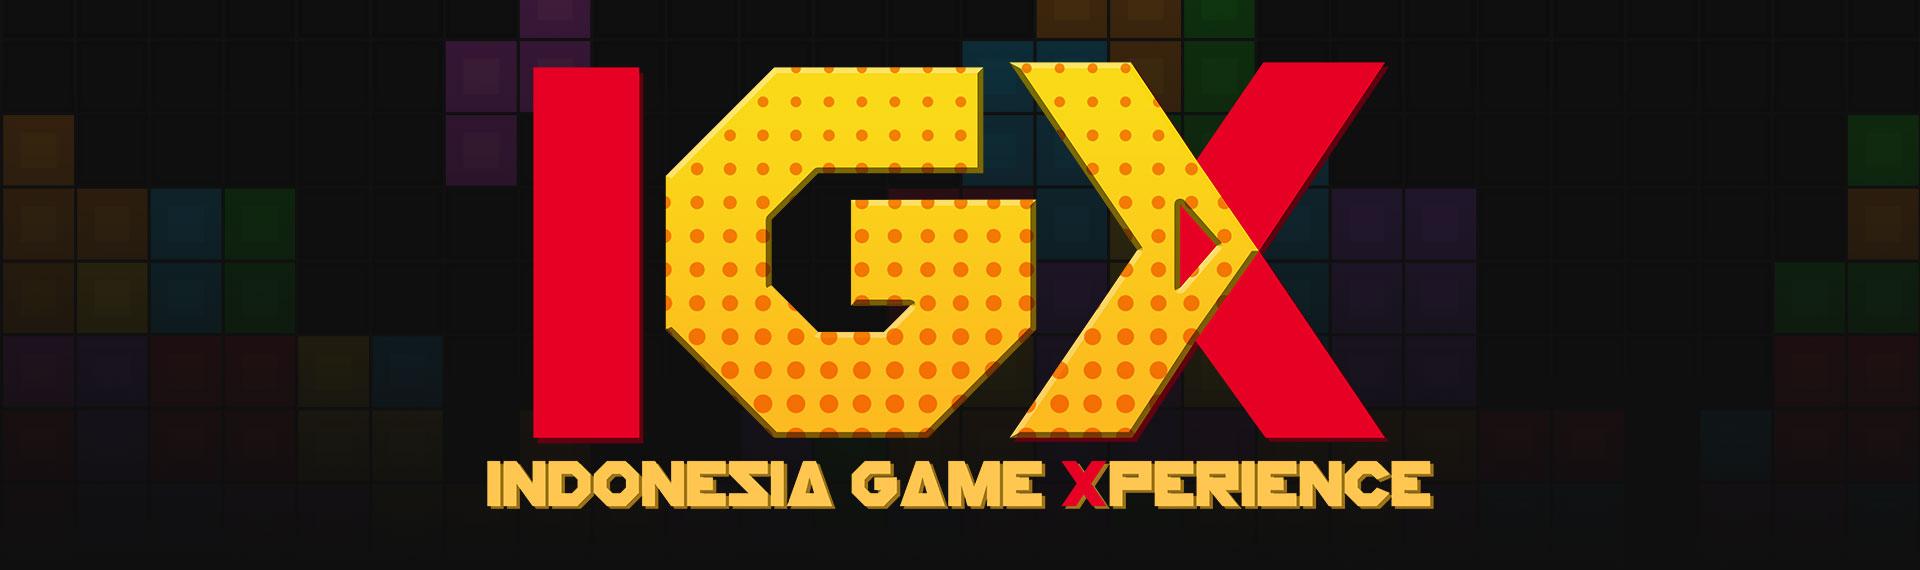 Meriahkan Indonesia Game Xperience 2018, Predator Hadir dengan Berbagai Kejutan Seru!